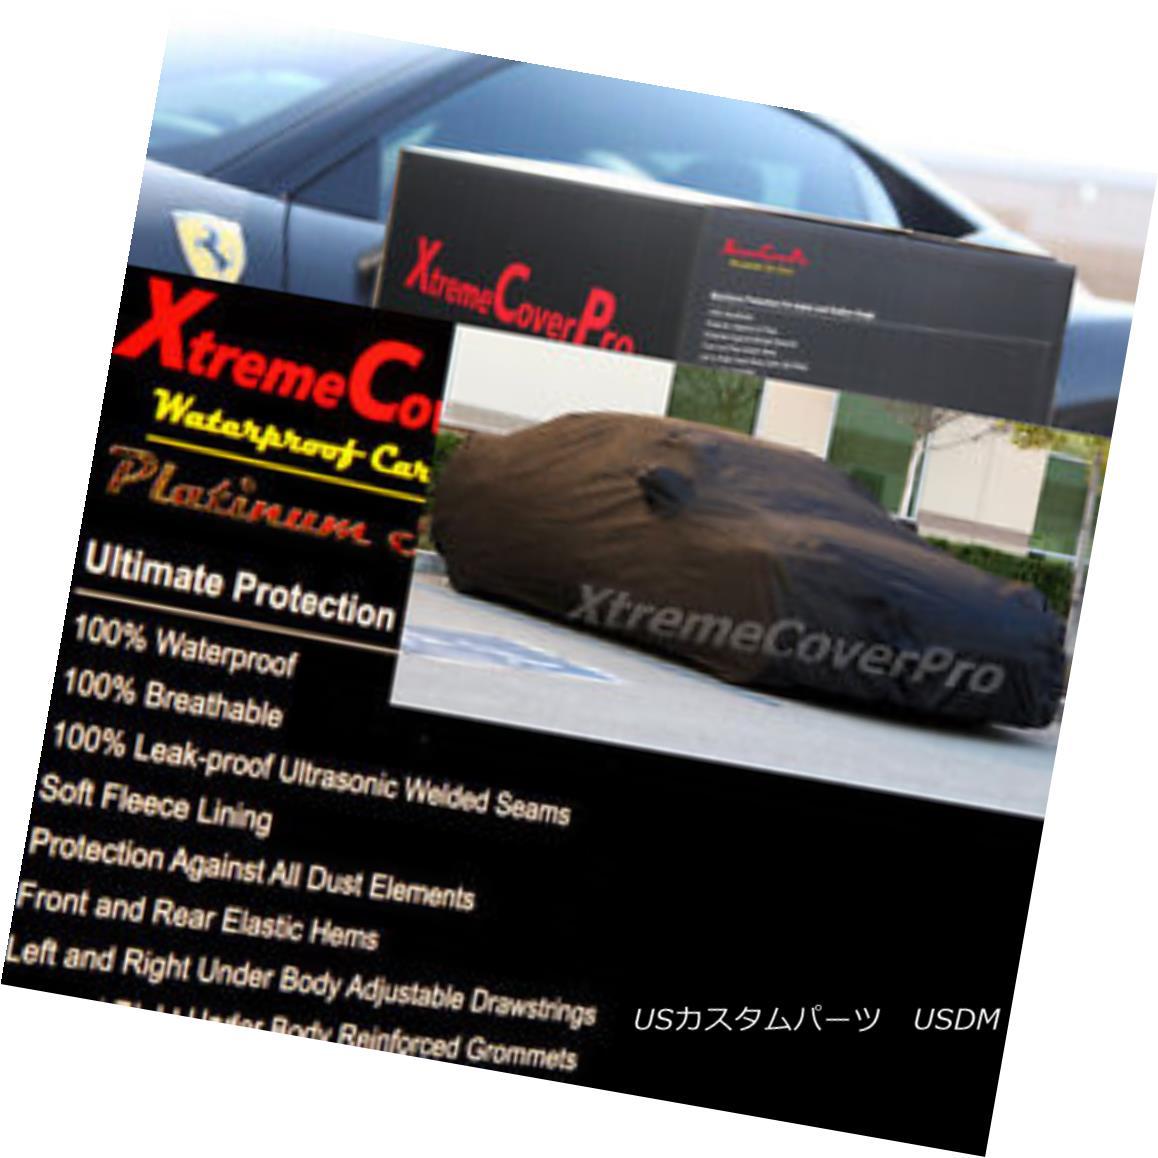 カーカバー 2015 CHEVROLET SONIC SEDAN Waterproof Car Cover w/Mirror Pockets - Black 2015 CHEVROLET SONIC SEDANミラーポケット付き防水カーカバー - ブラック